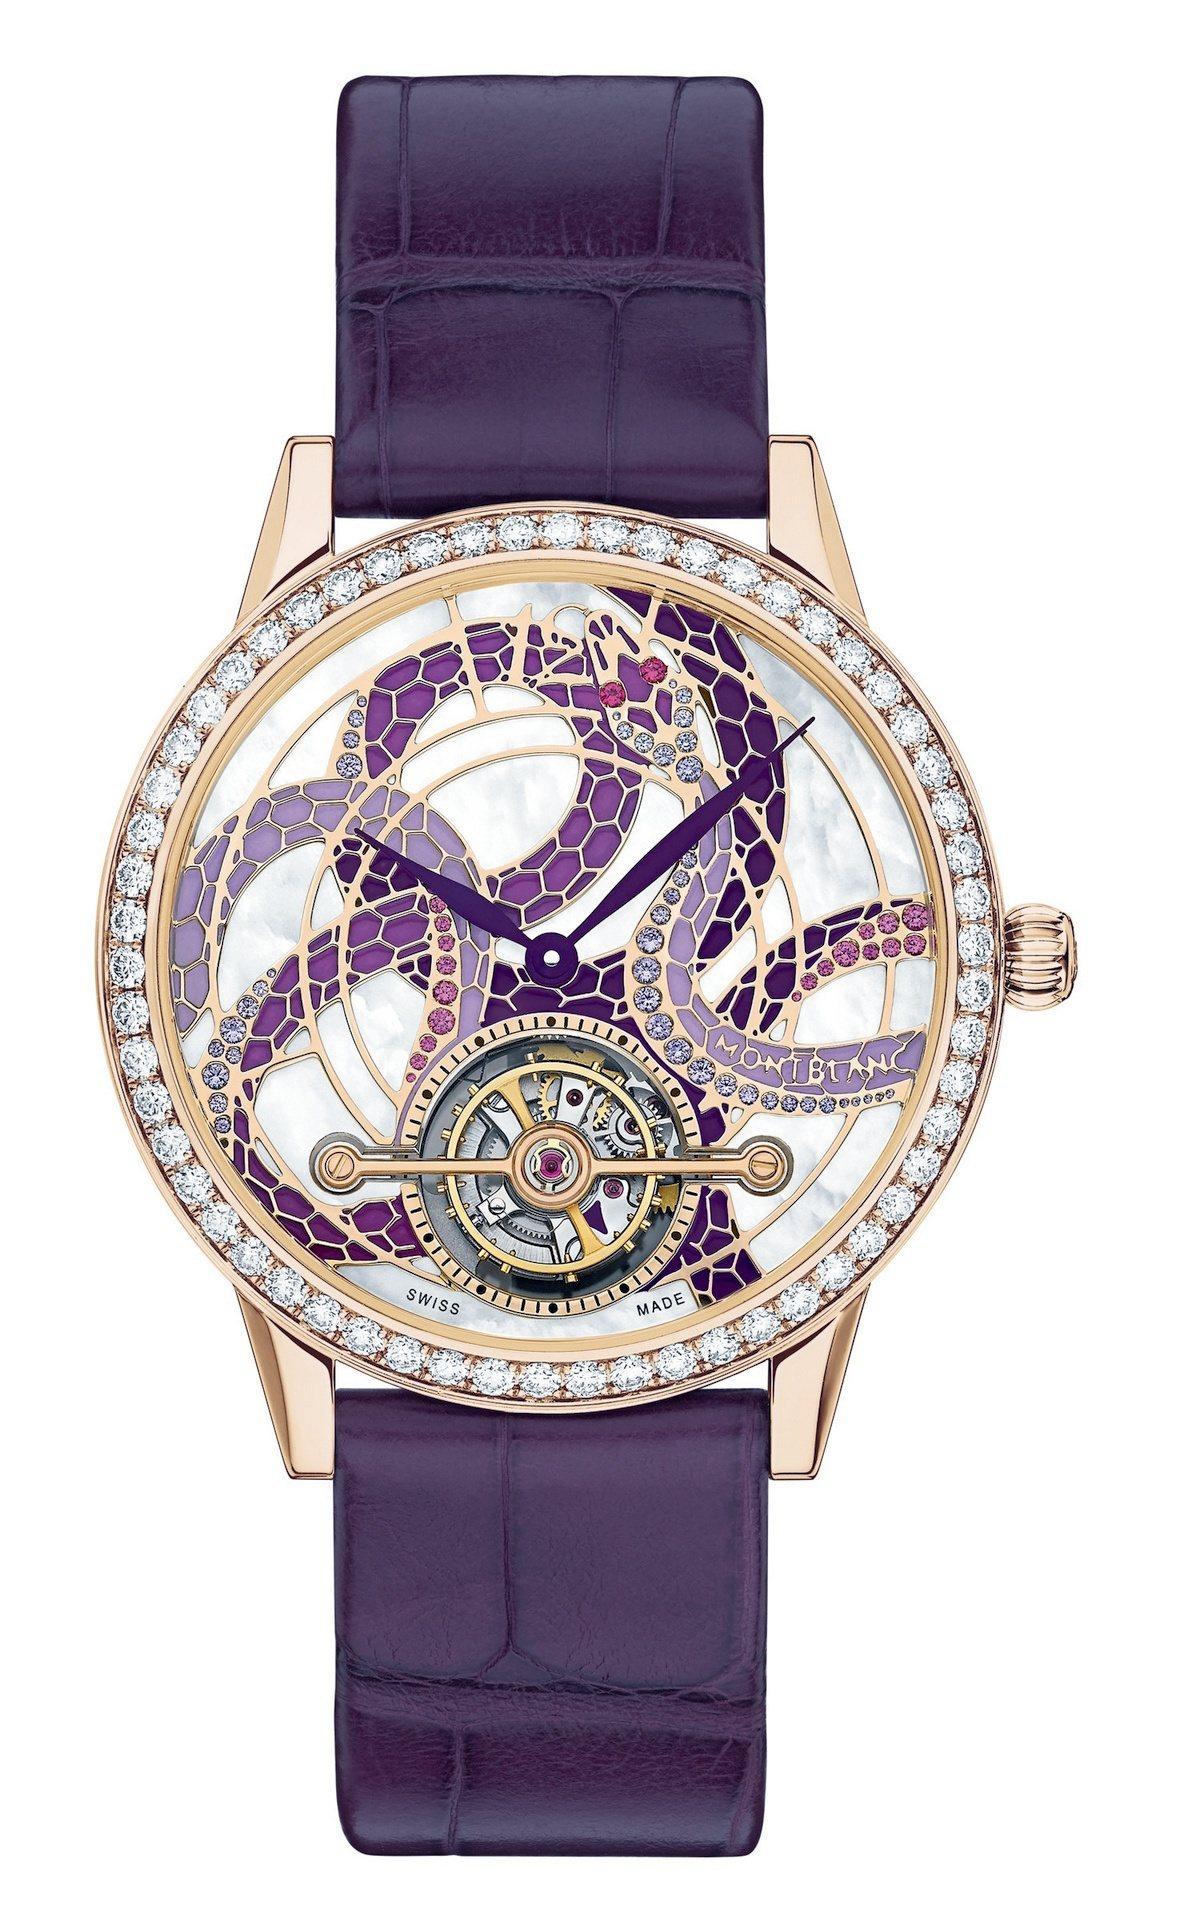 萬寶龍寶曦系列外置陀飛輪蛇圖騰珠寶限量款腕表,18K玫瑰金表殼,表盤蛇身鑲嵌51...